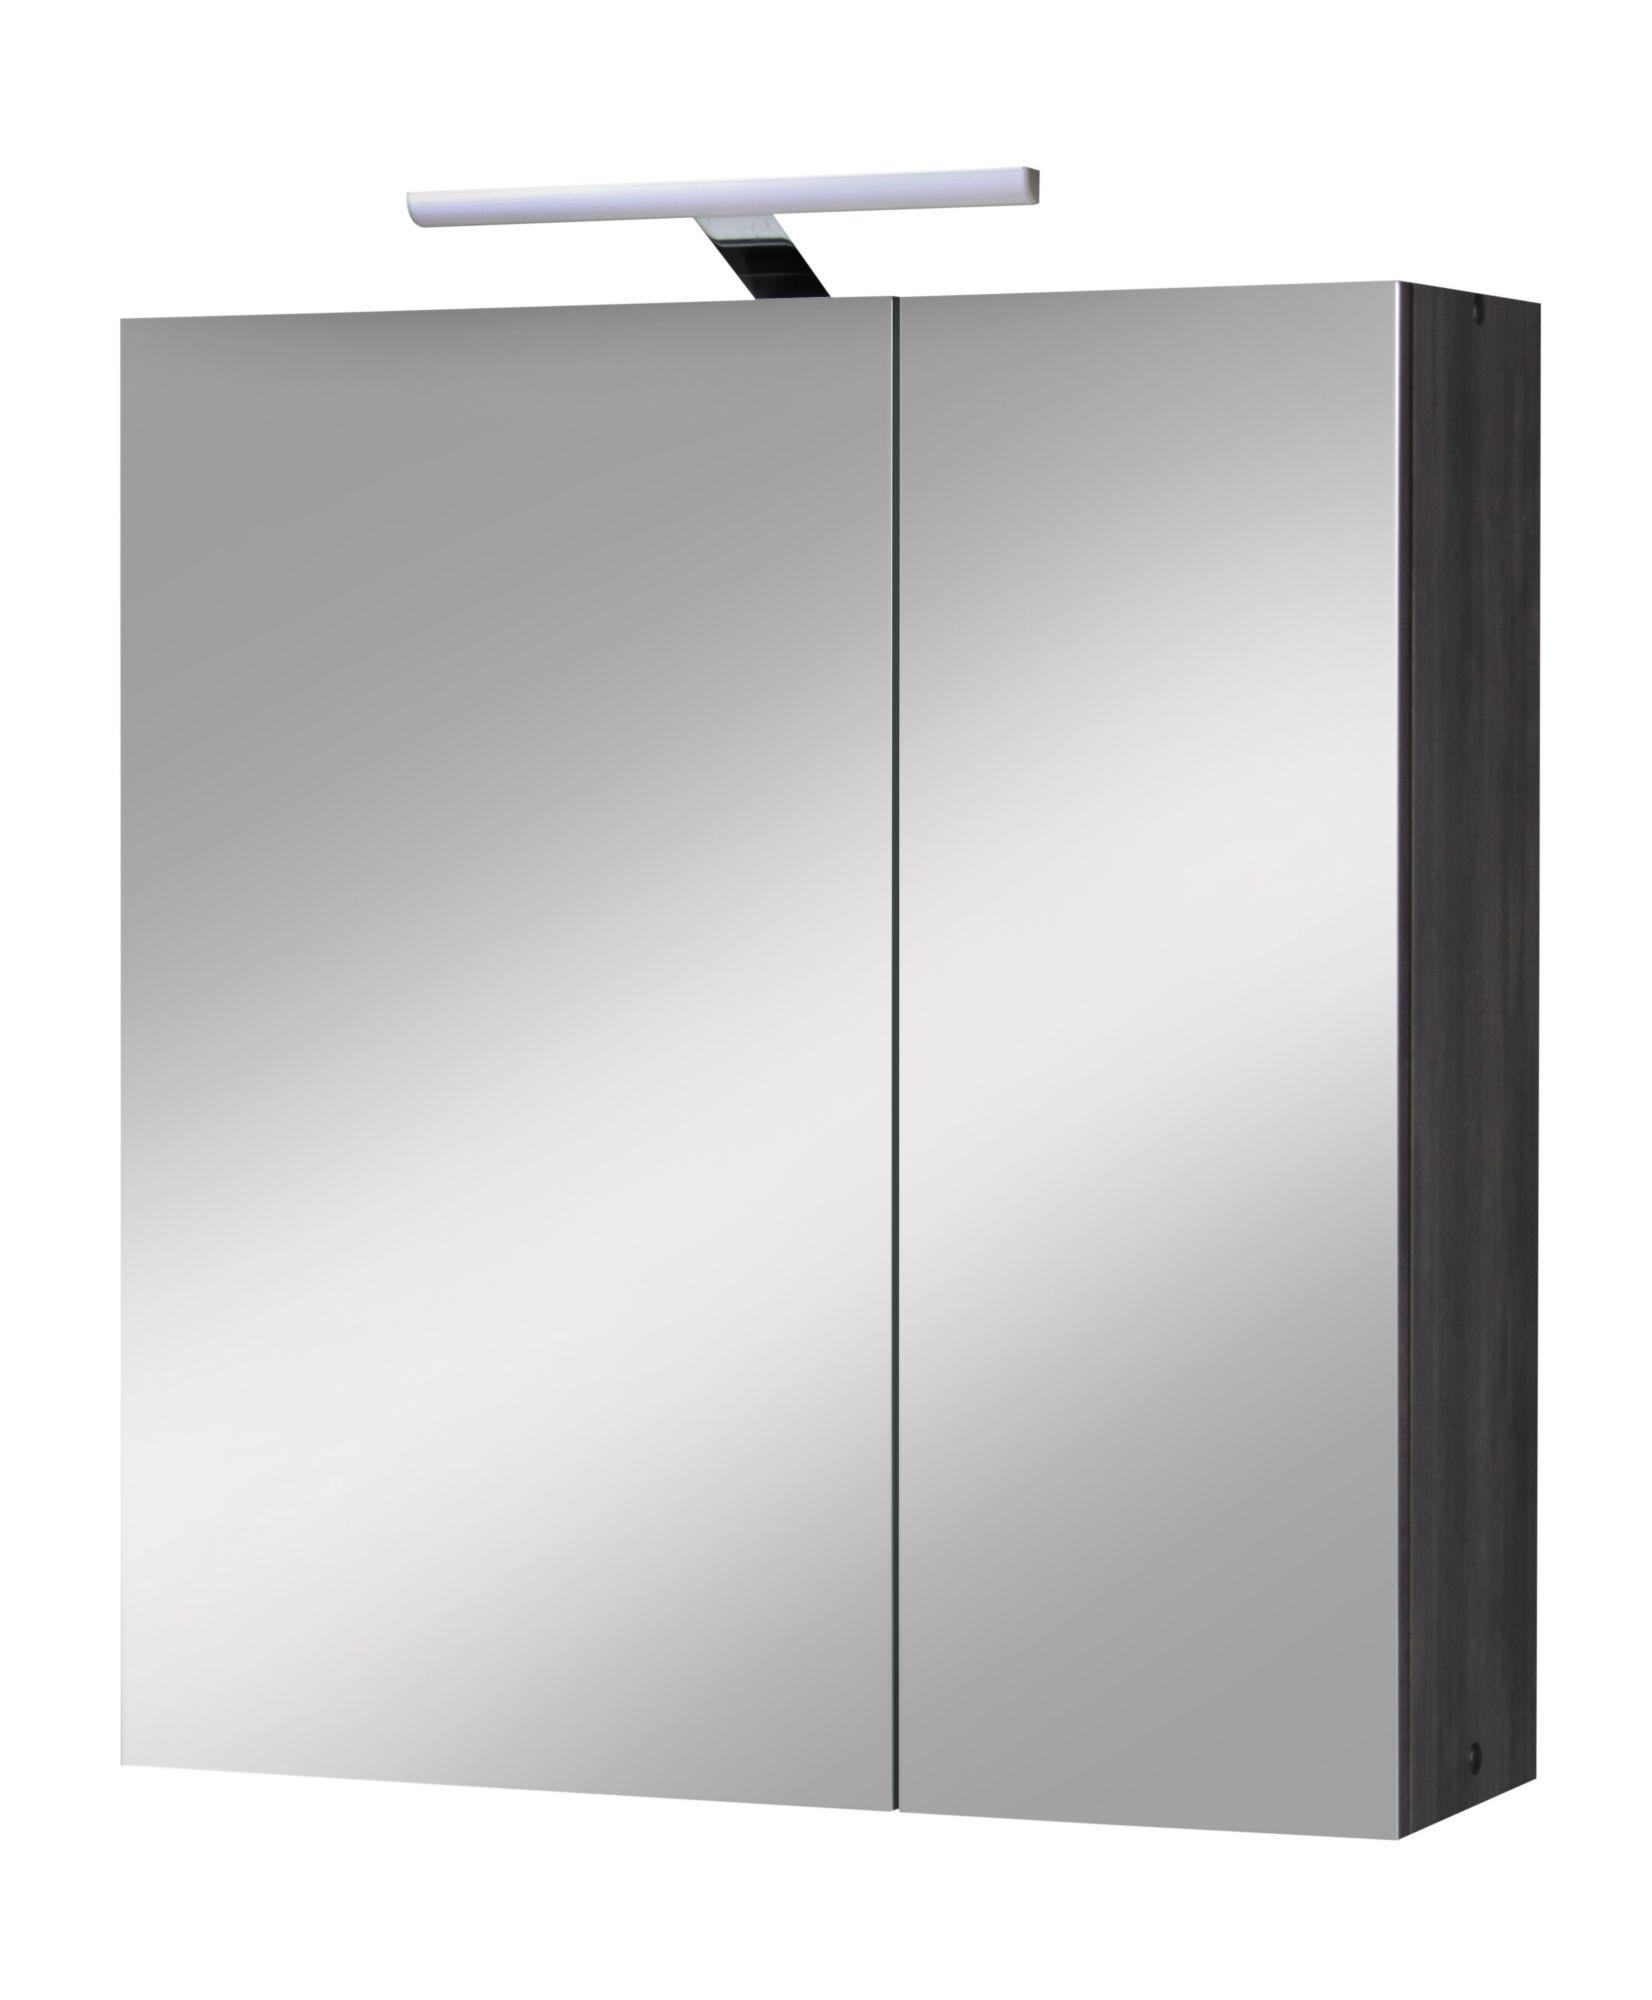 spiegelschrank tokio breite 65 cm mit beleuchtung schwab versand spiegelschr nke mit. Black Bedroom Furniture Sets. Home Design Ideas